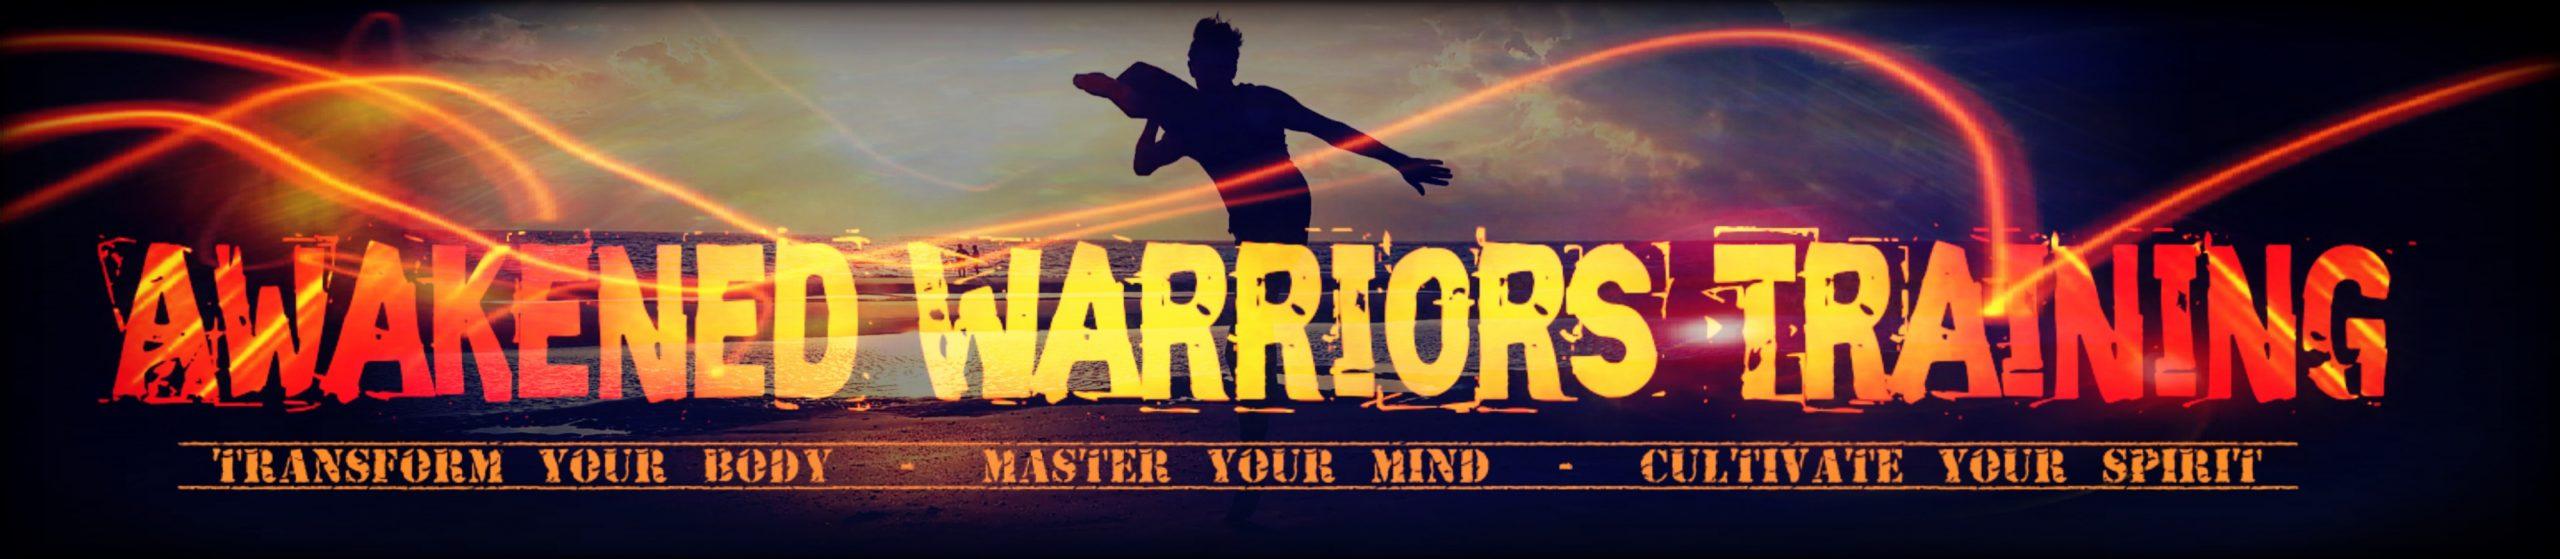 Awakened Warriors